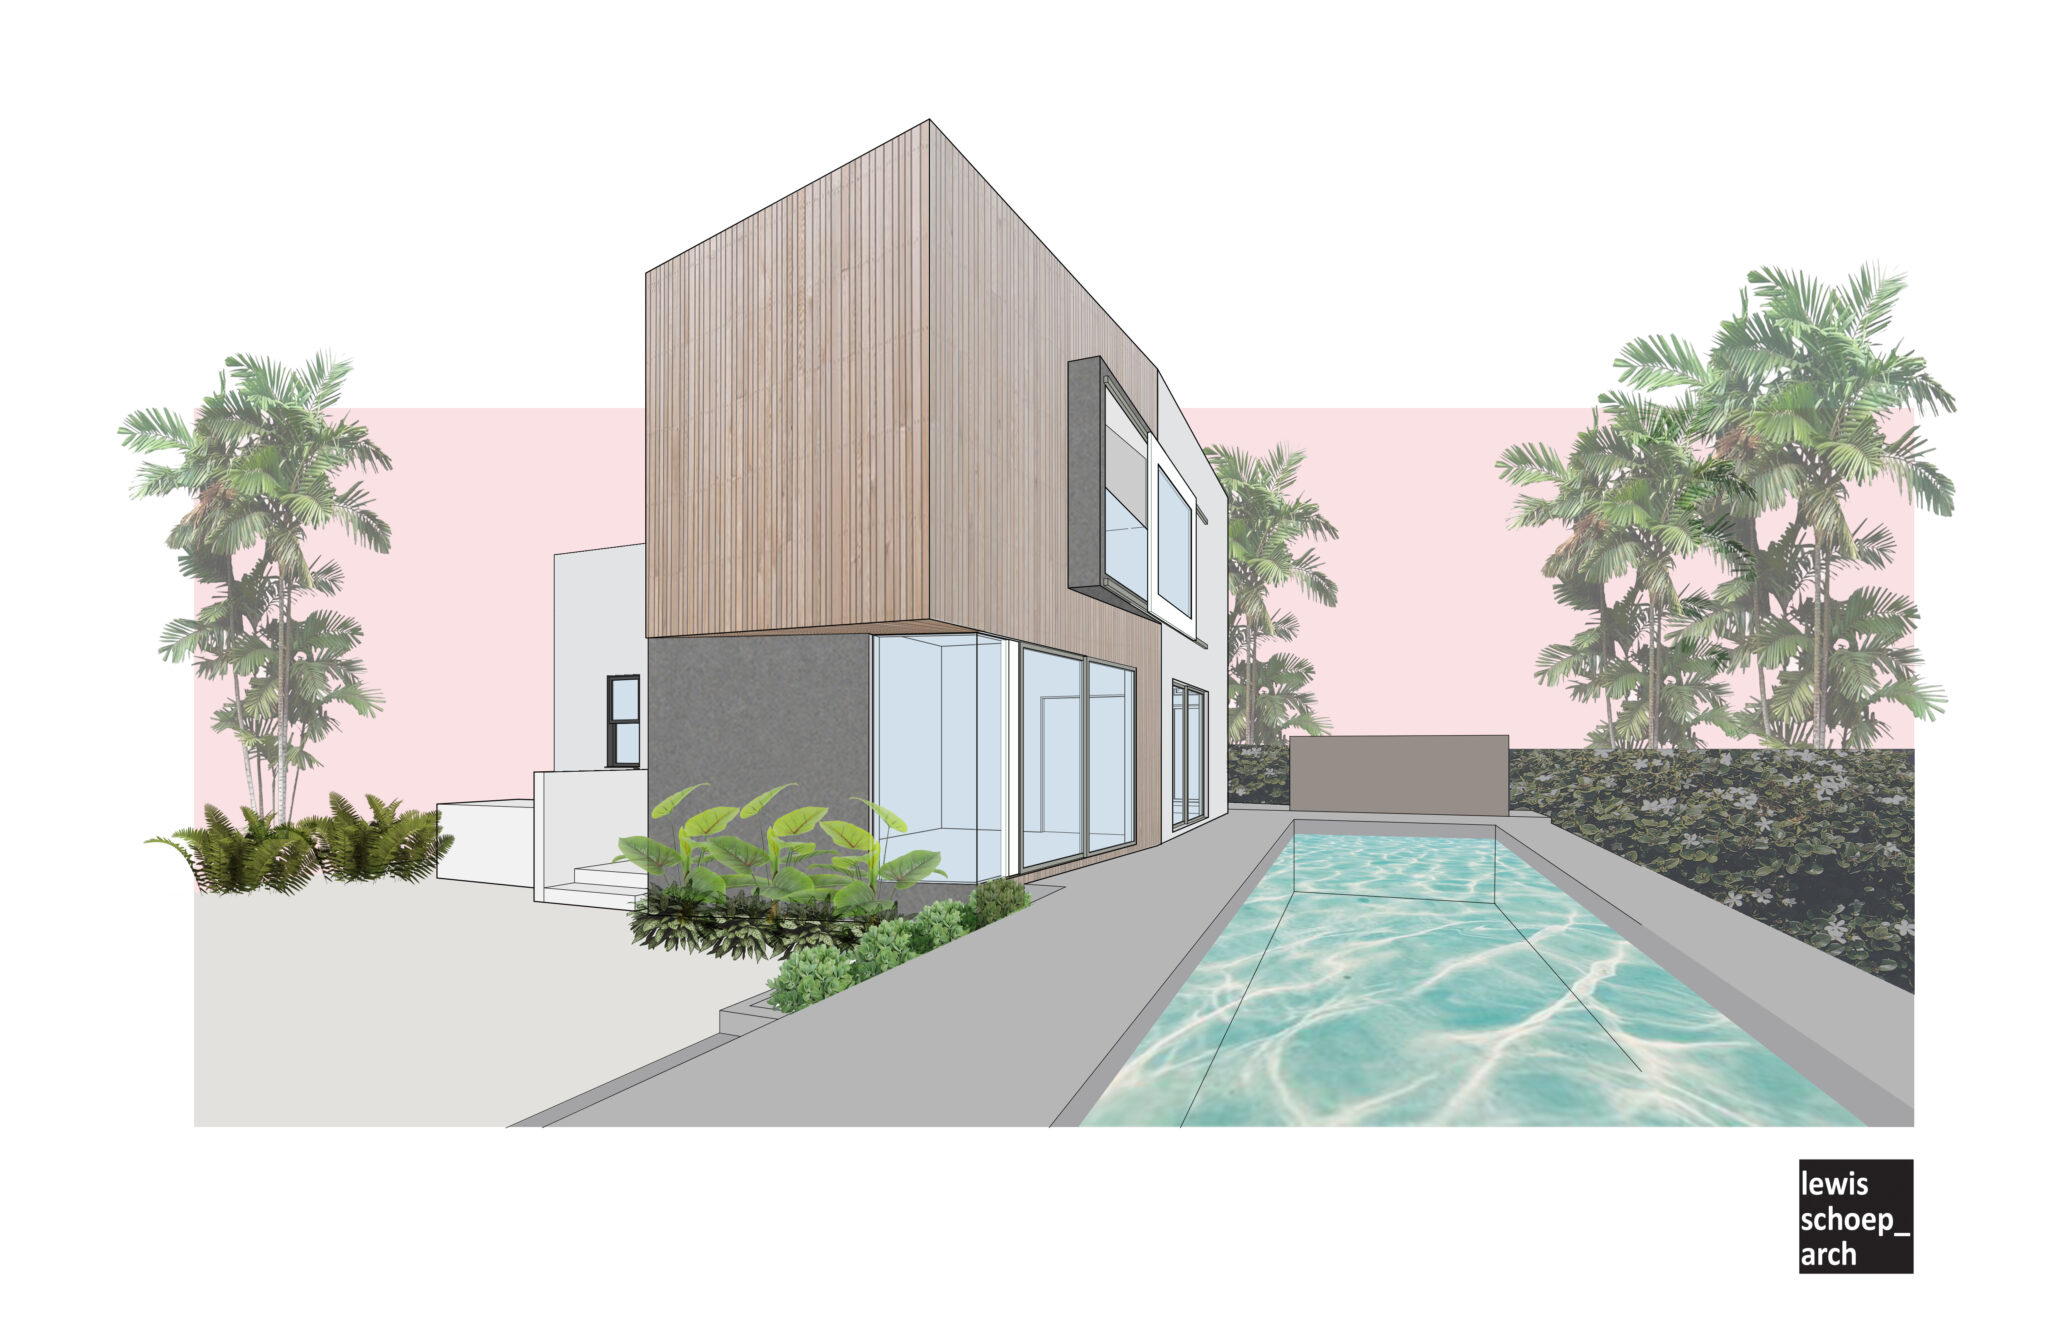 ADU Accessory Dwelling Unit